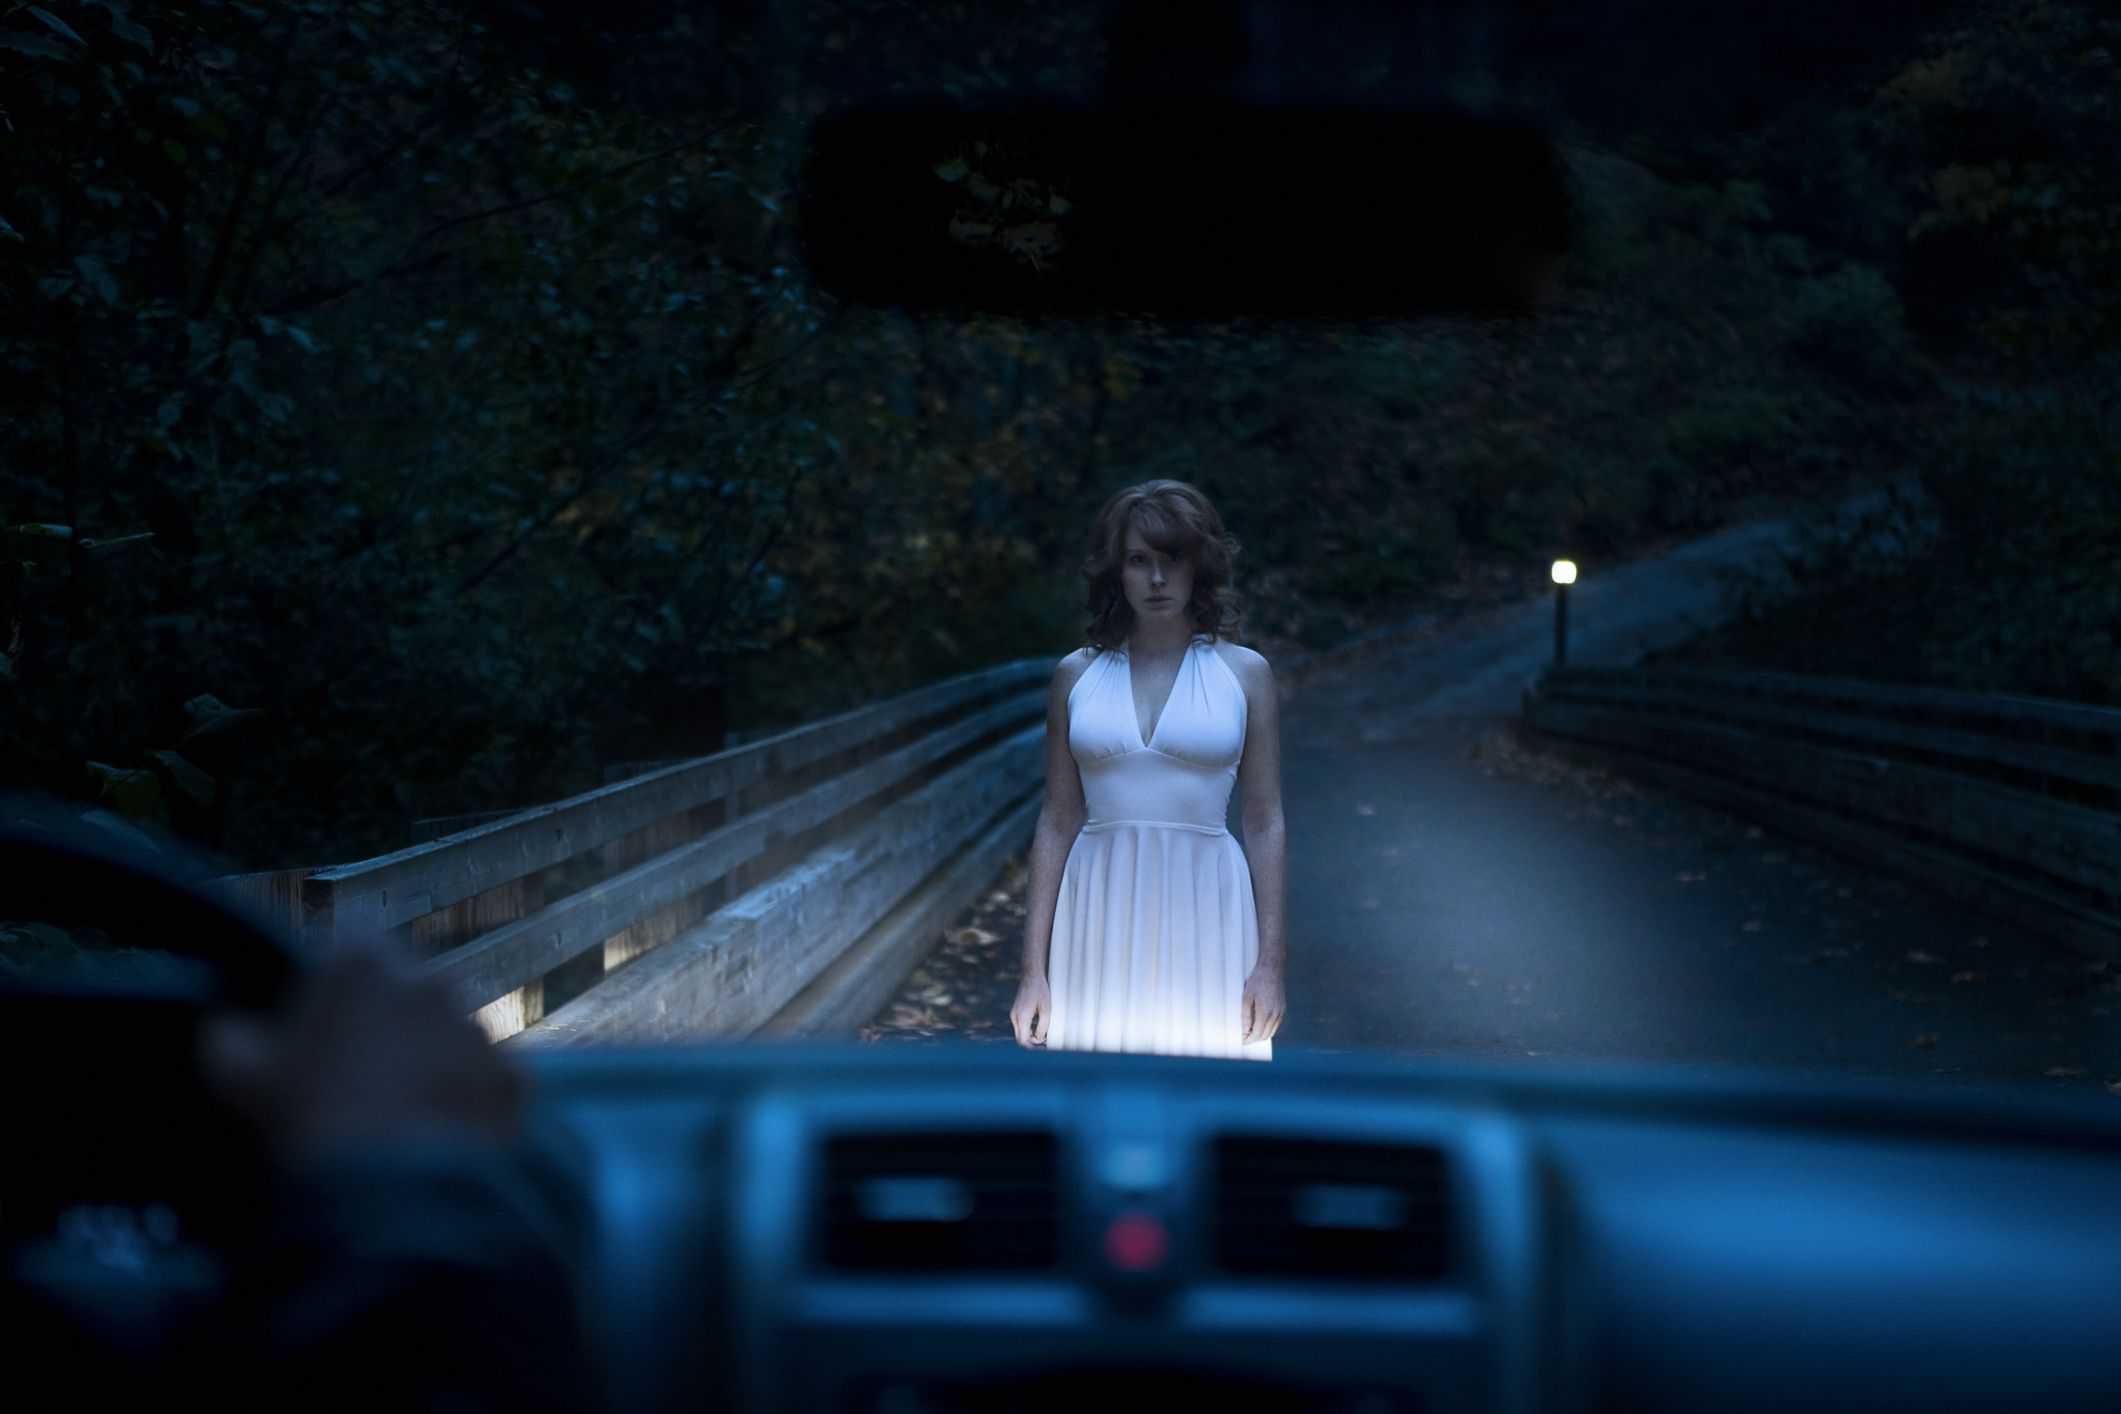 La misteriosa joven de la autopista en Baltimore – Leyendas Urbanas de Estados Unidos